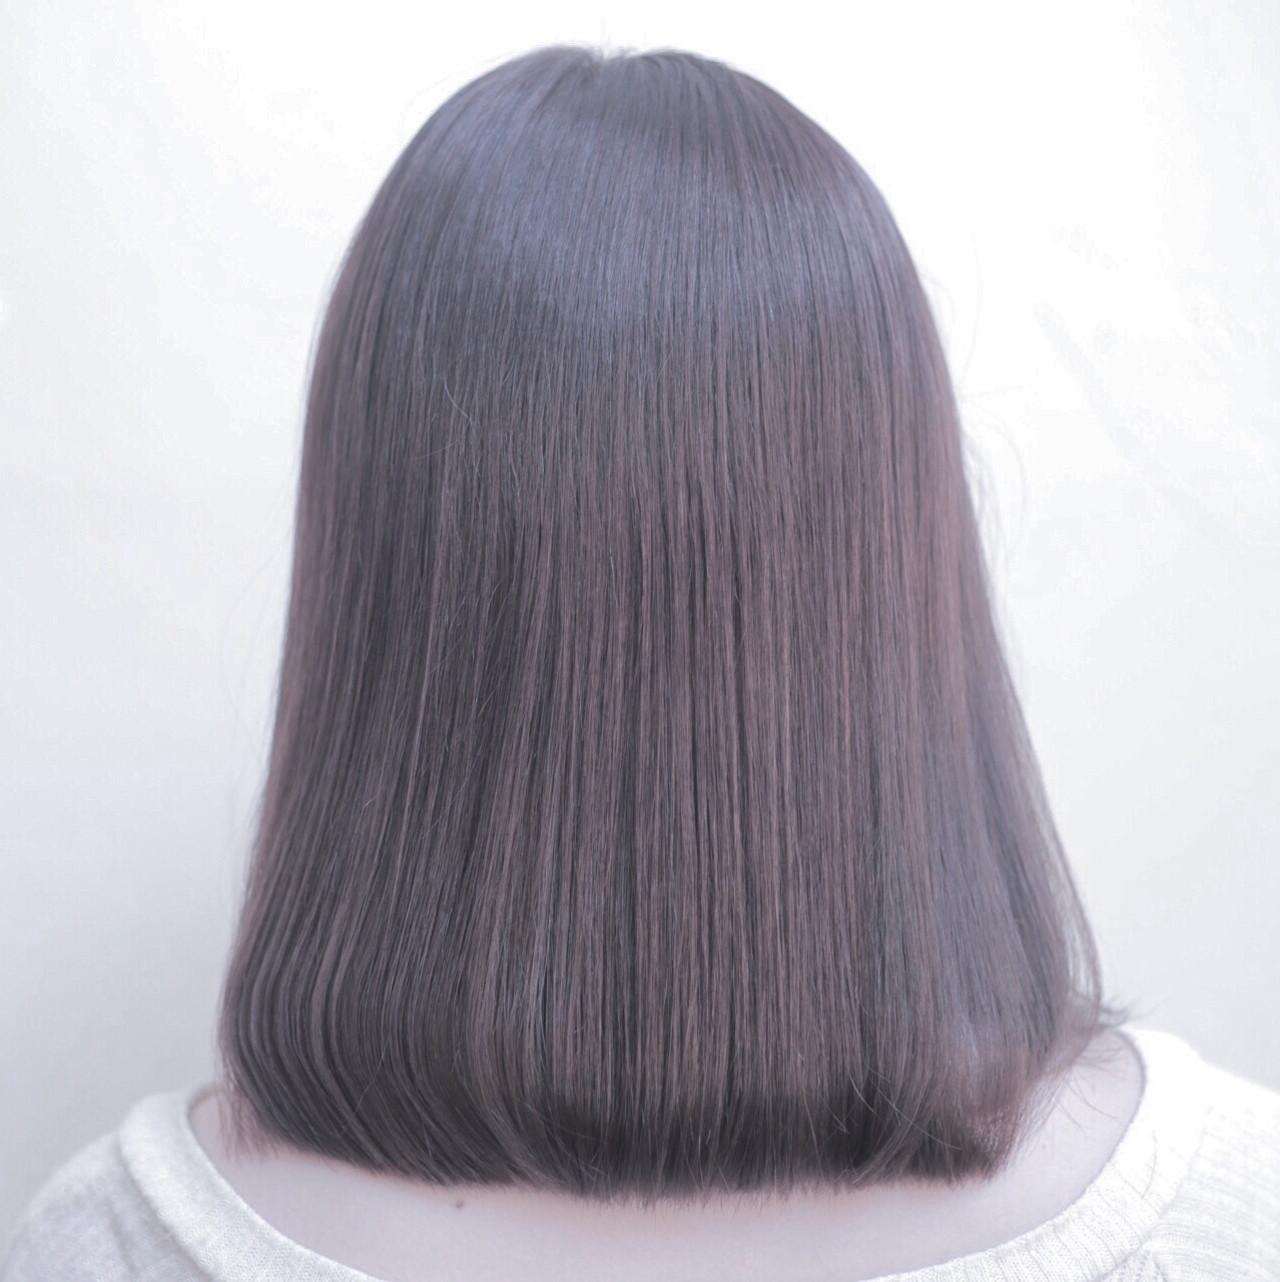 色気 大人かわいい ボブ 外国人風 ヘアスタイルや髪型の写真・画像 | 坂本圭太朗 / bado